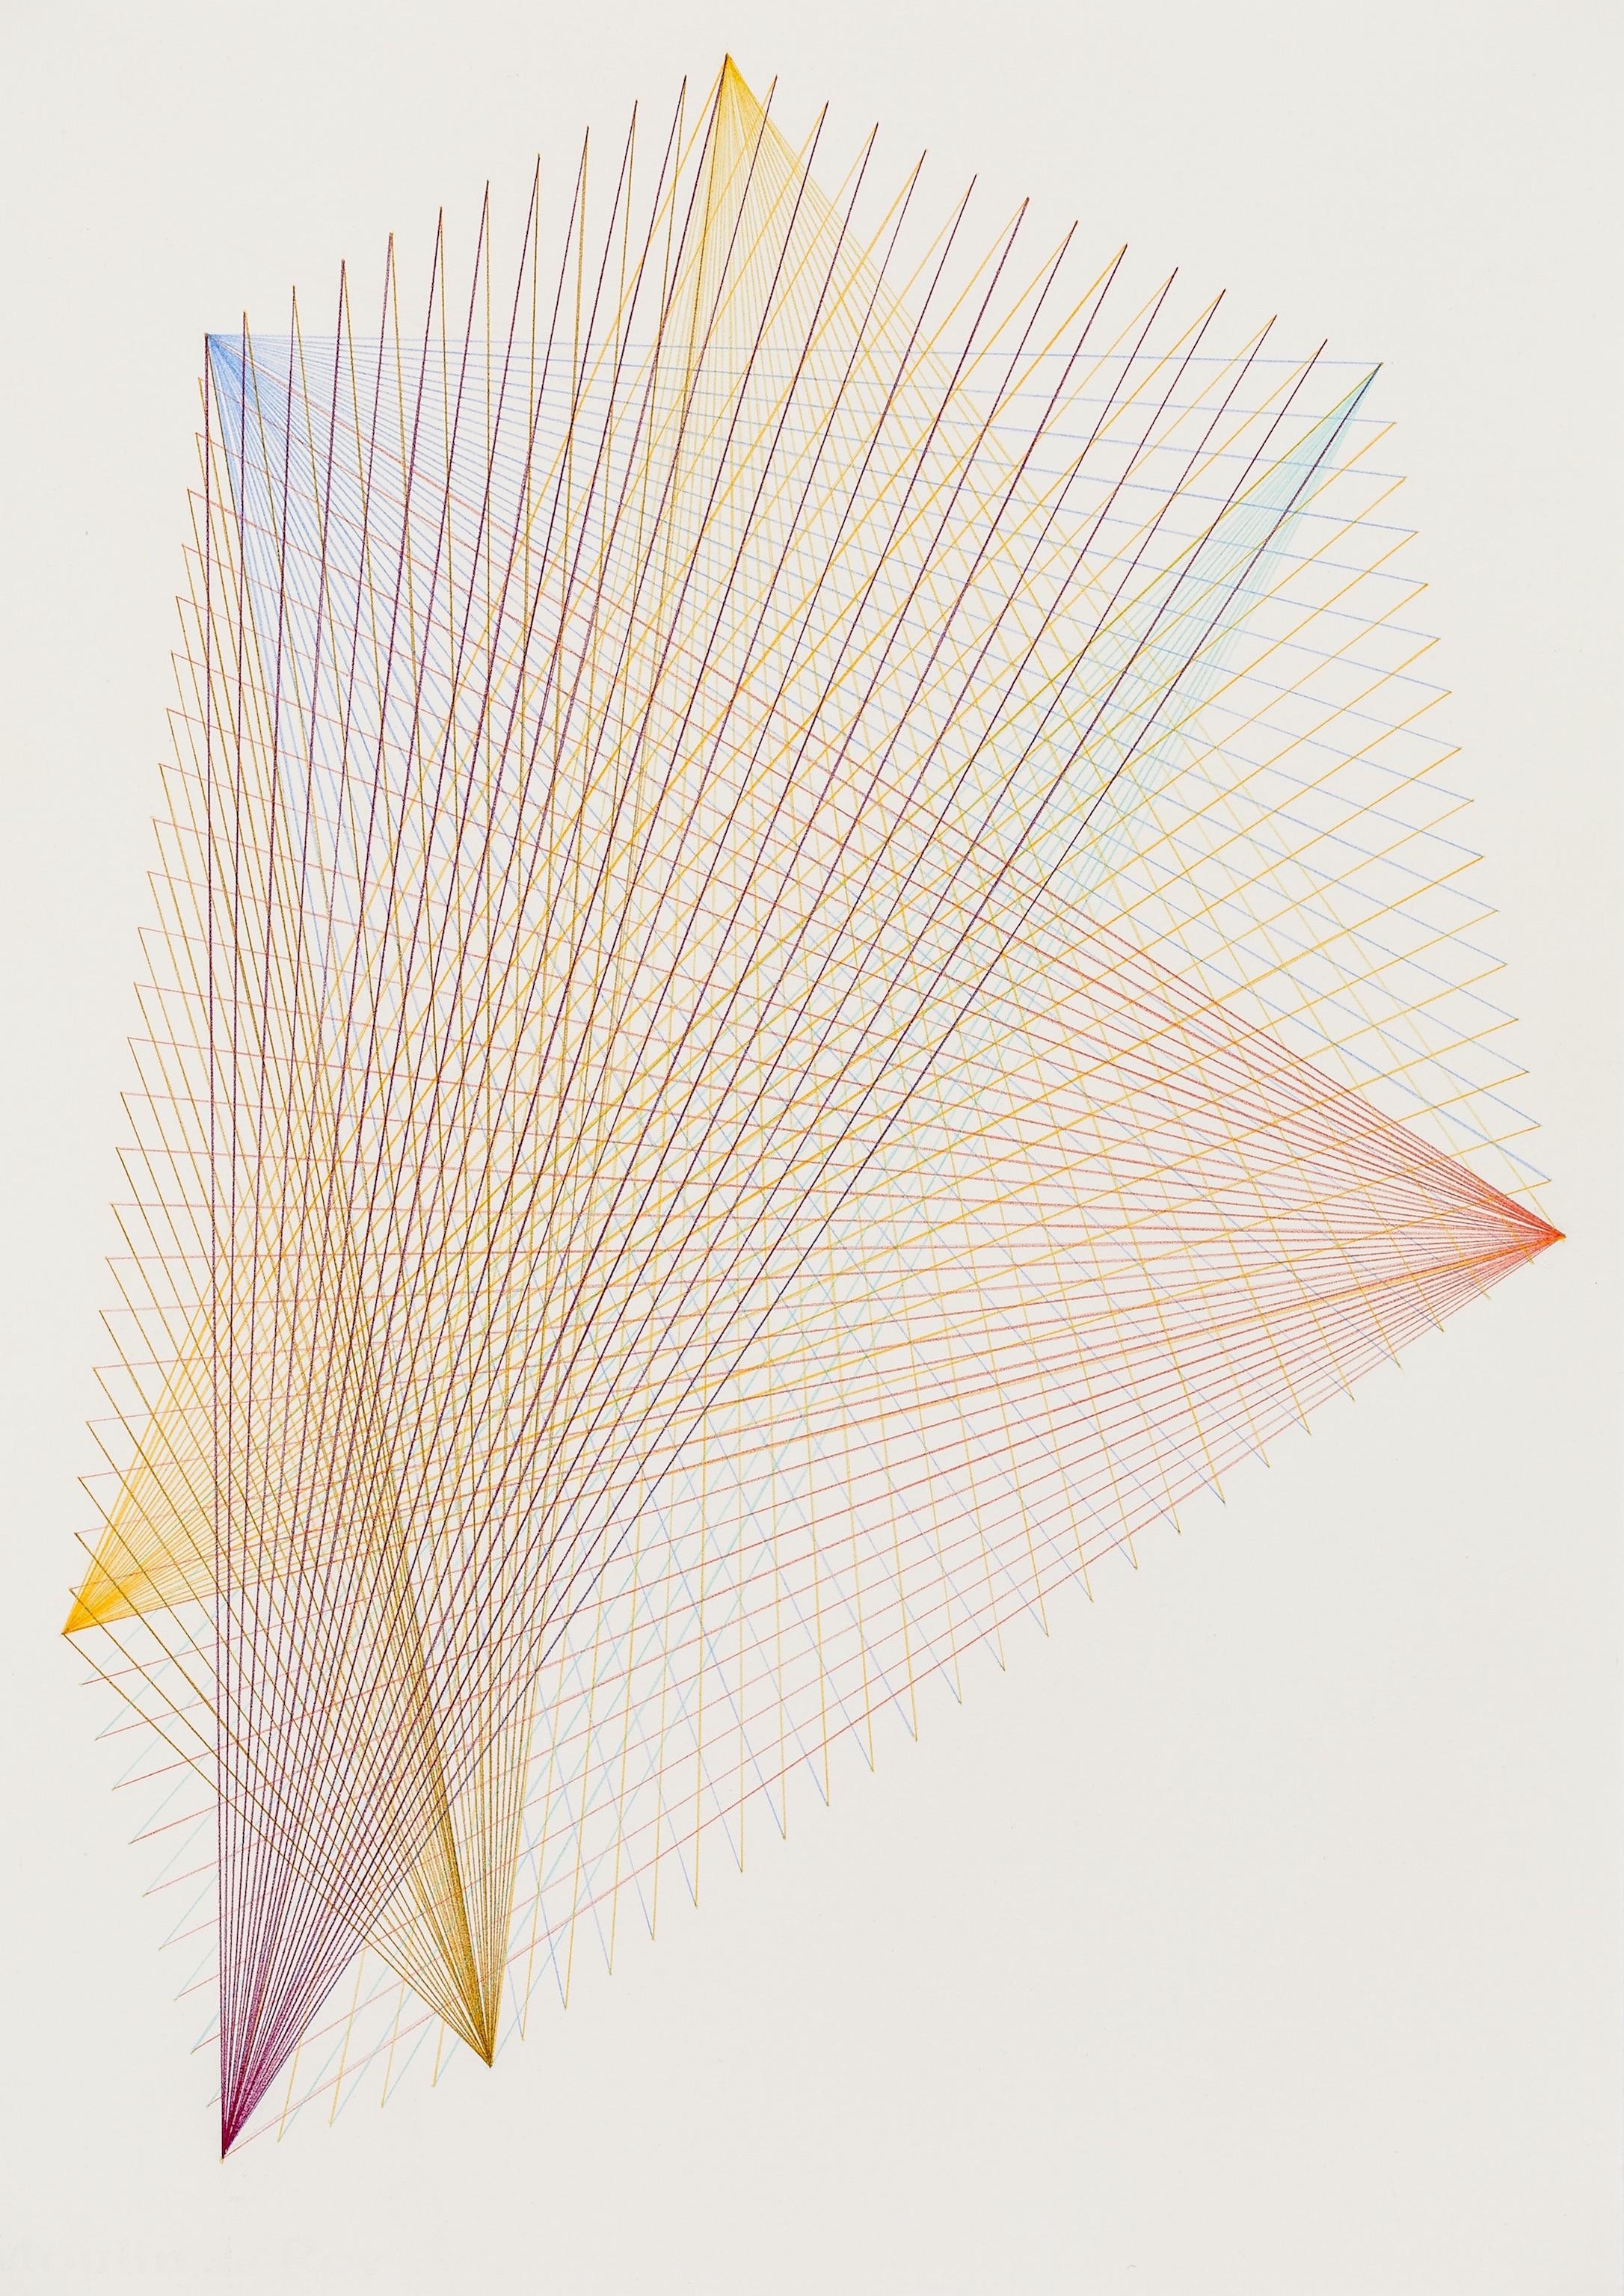 Kate Vassallo - ChanceForms#1_pencilonpaper_A3_2018_KateVassallo.jpg